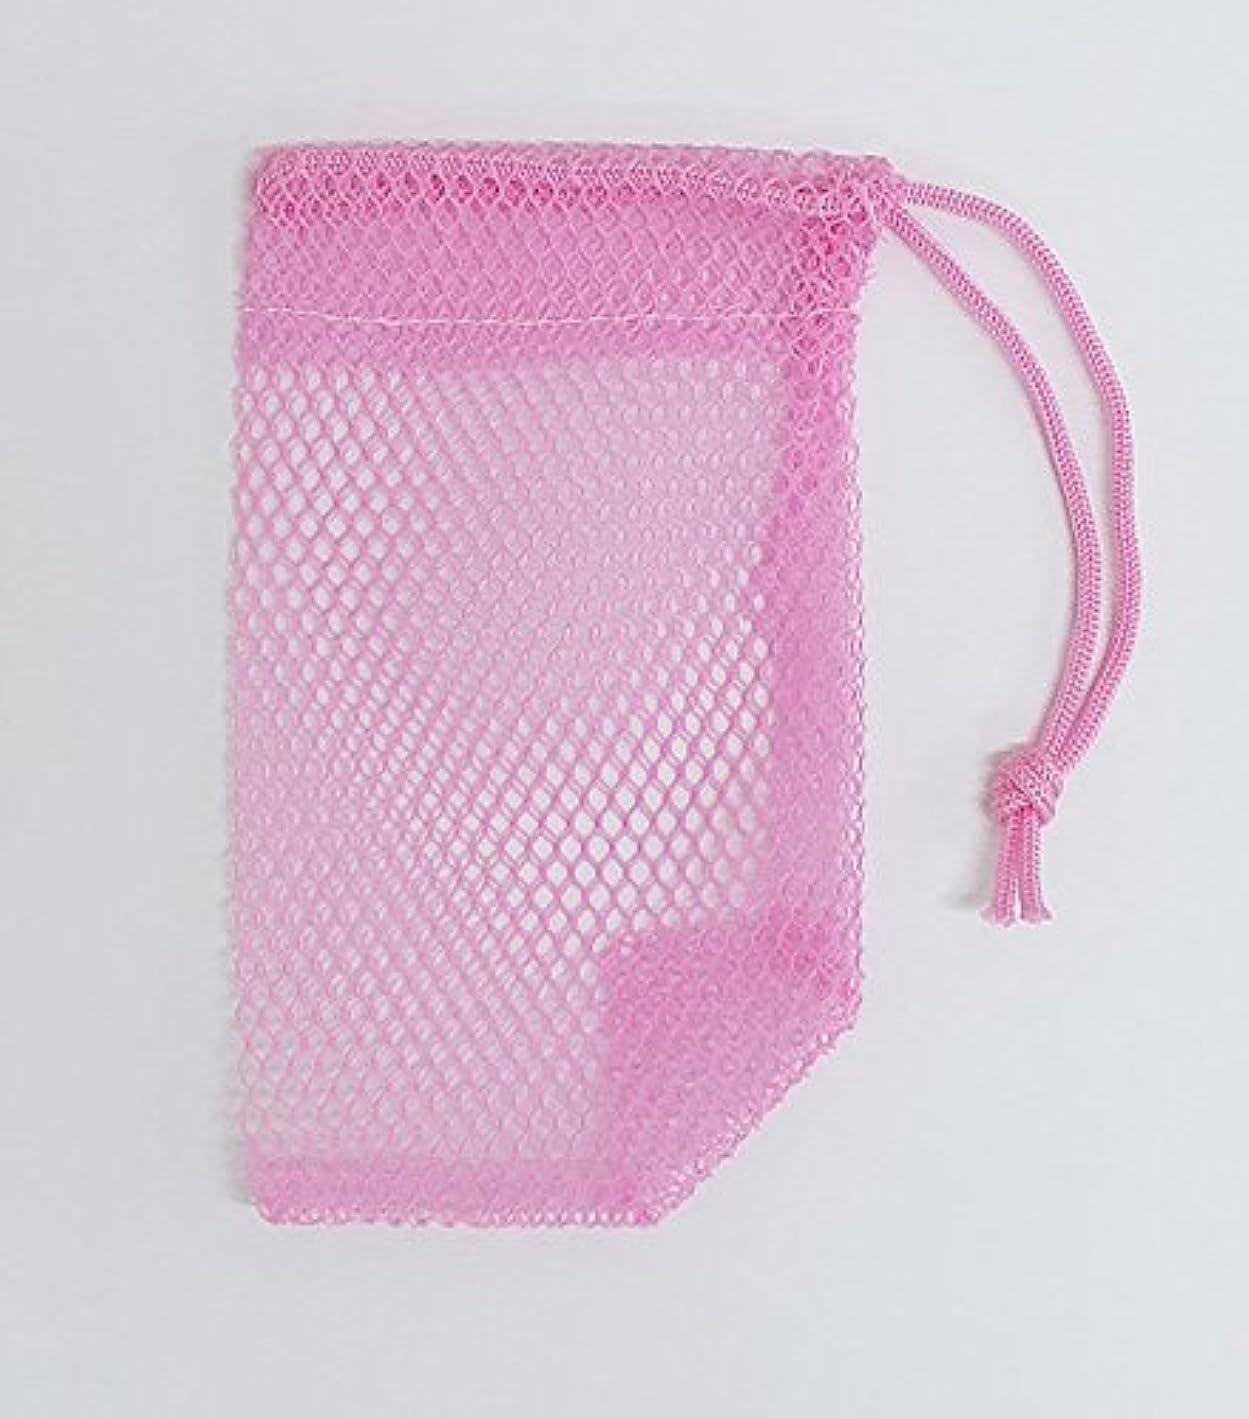 有益肌反毒石けんネット ひもタイプ 20枚組  ピンク